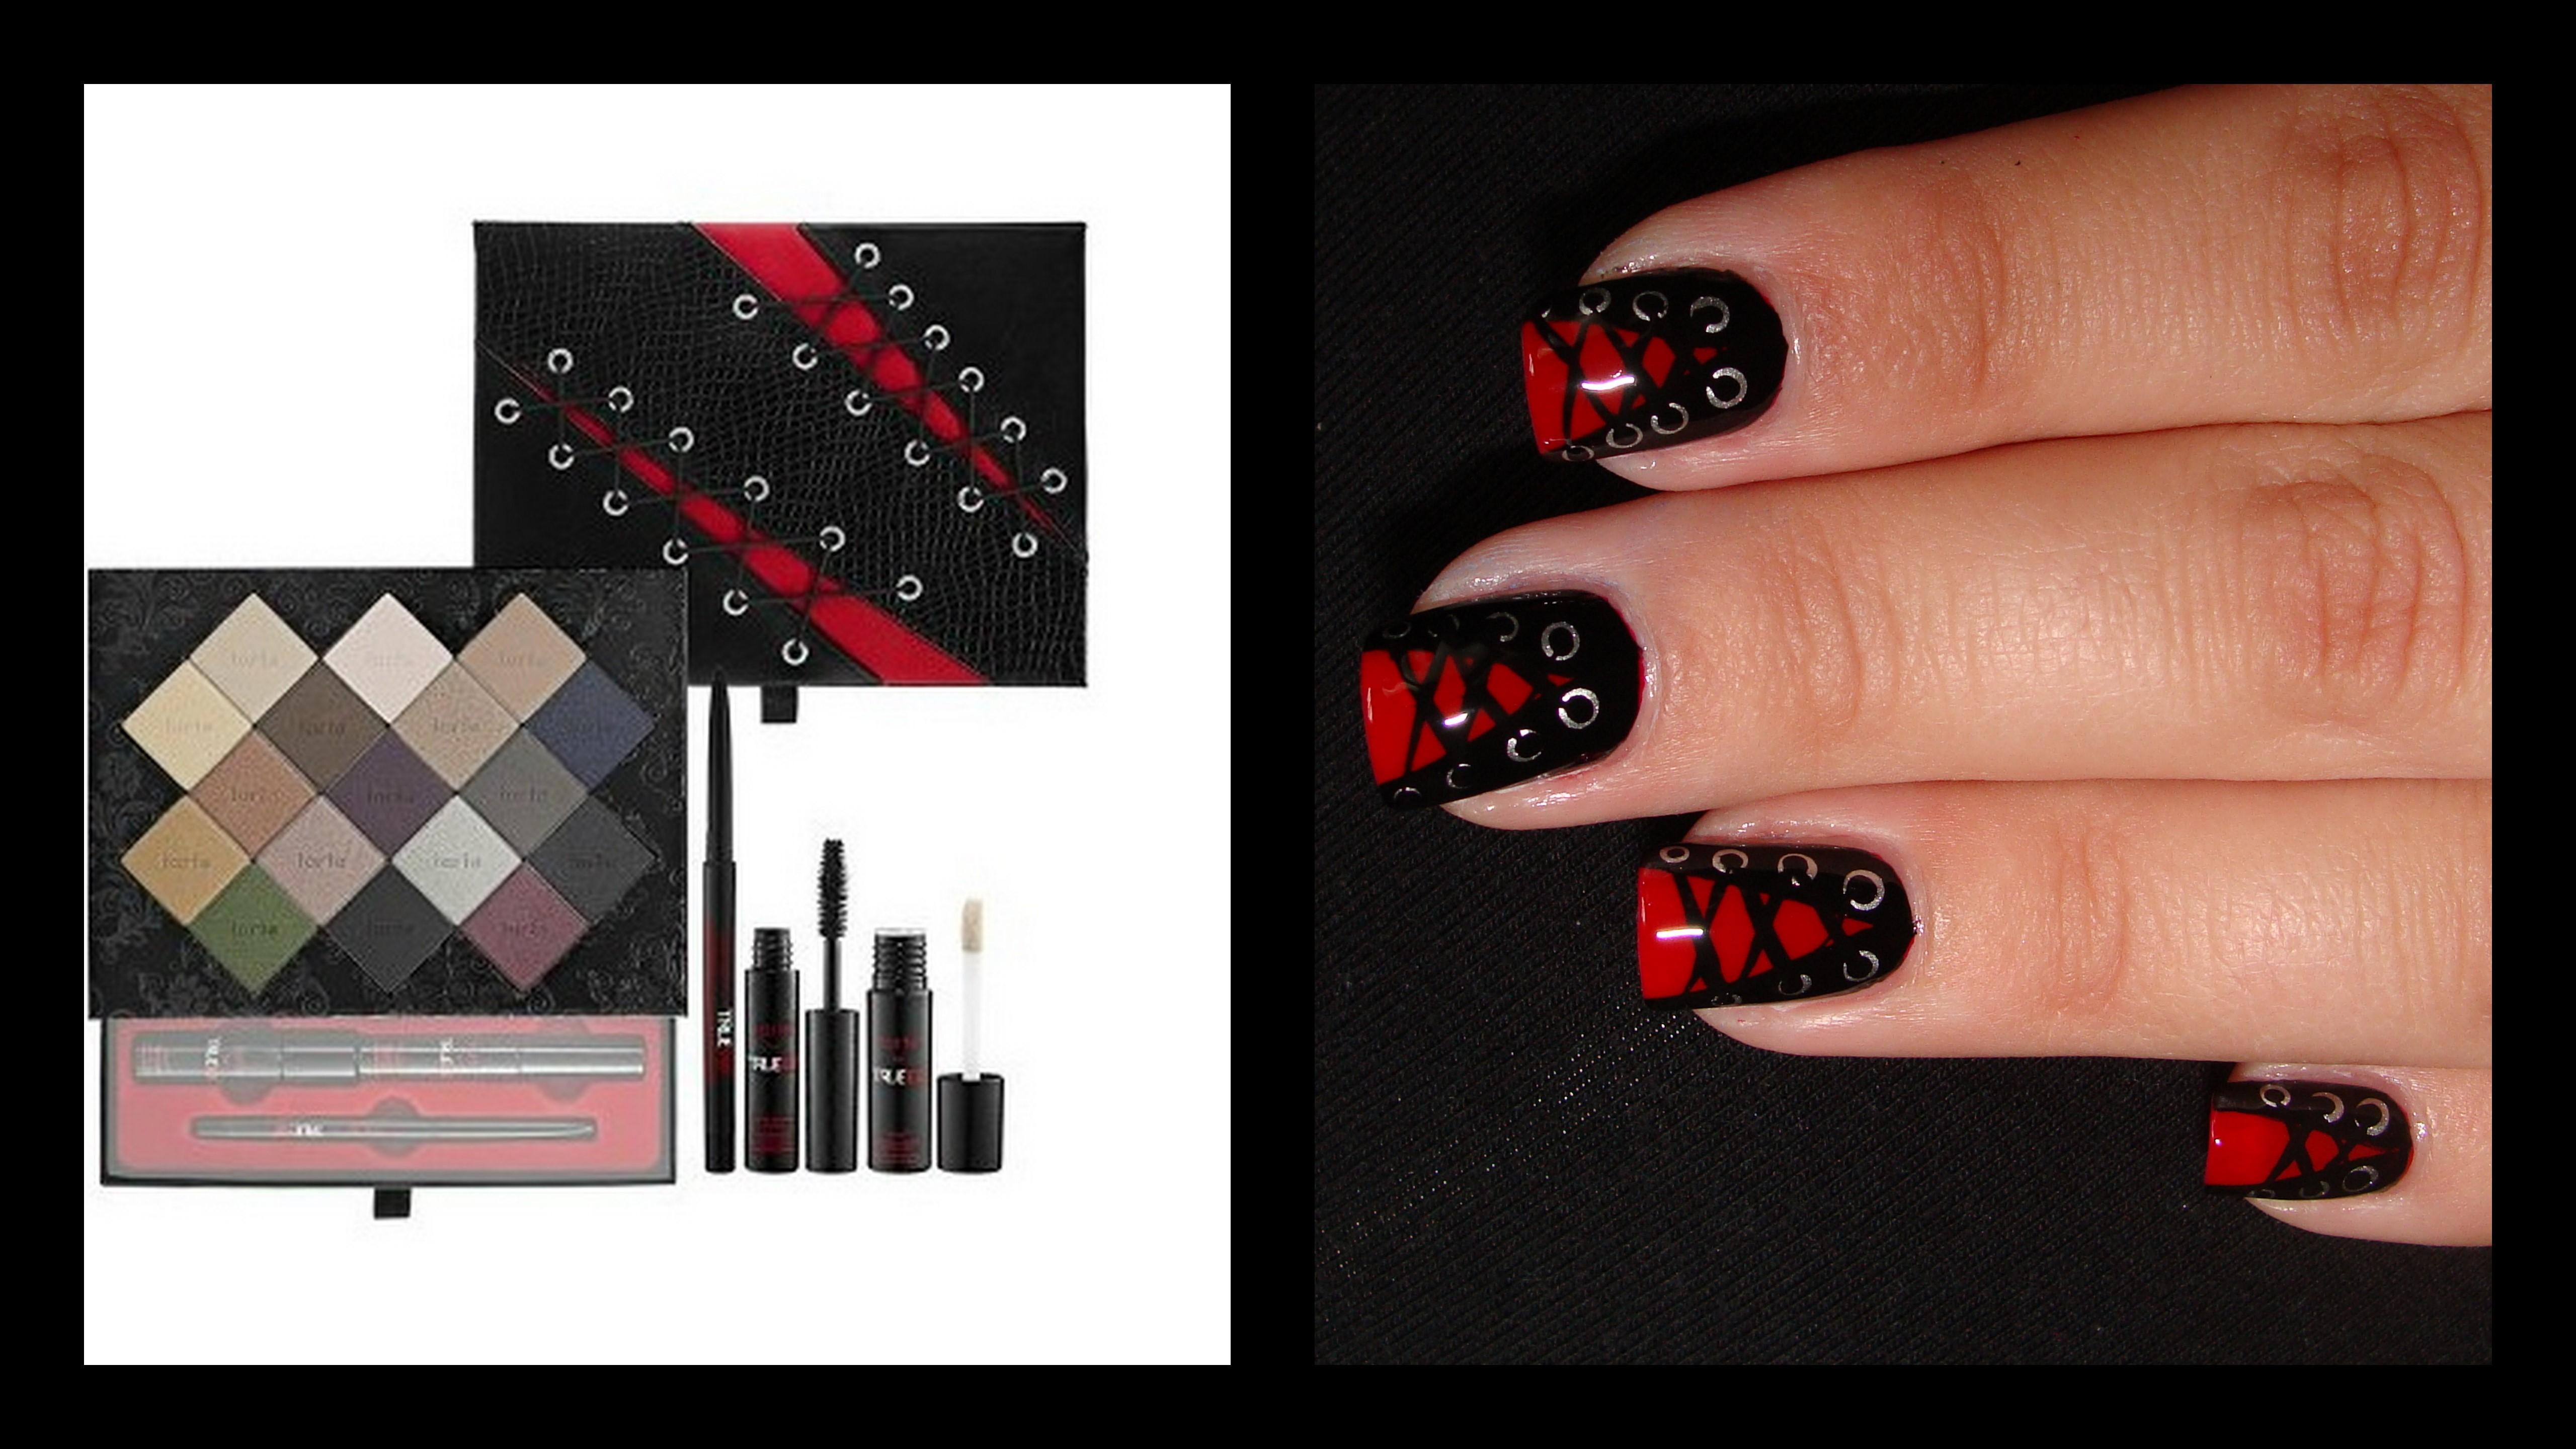 migi nail art, nail art, nail art kits, 3d nail art, nail art design, how to do nail art, nail art pens, simple nail art, nail art designs, nail art designs gallery, pictures of nail art, nail art ideas, nails art, nails art design, nail art magazine, nail art images-145